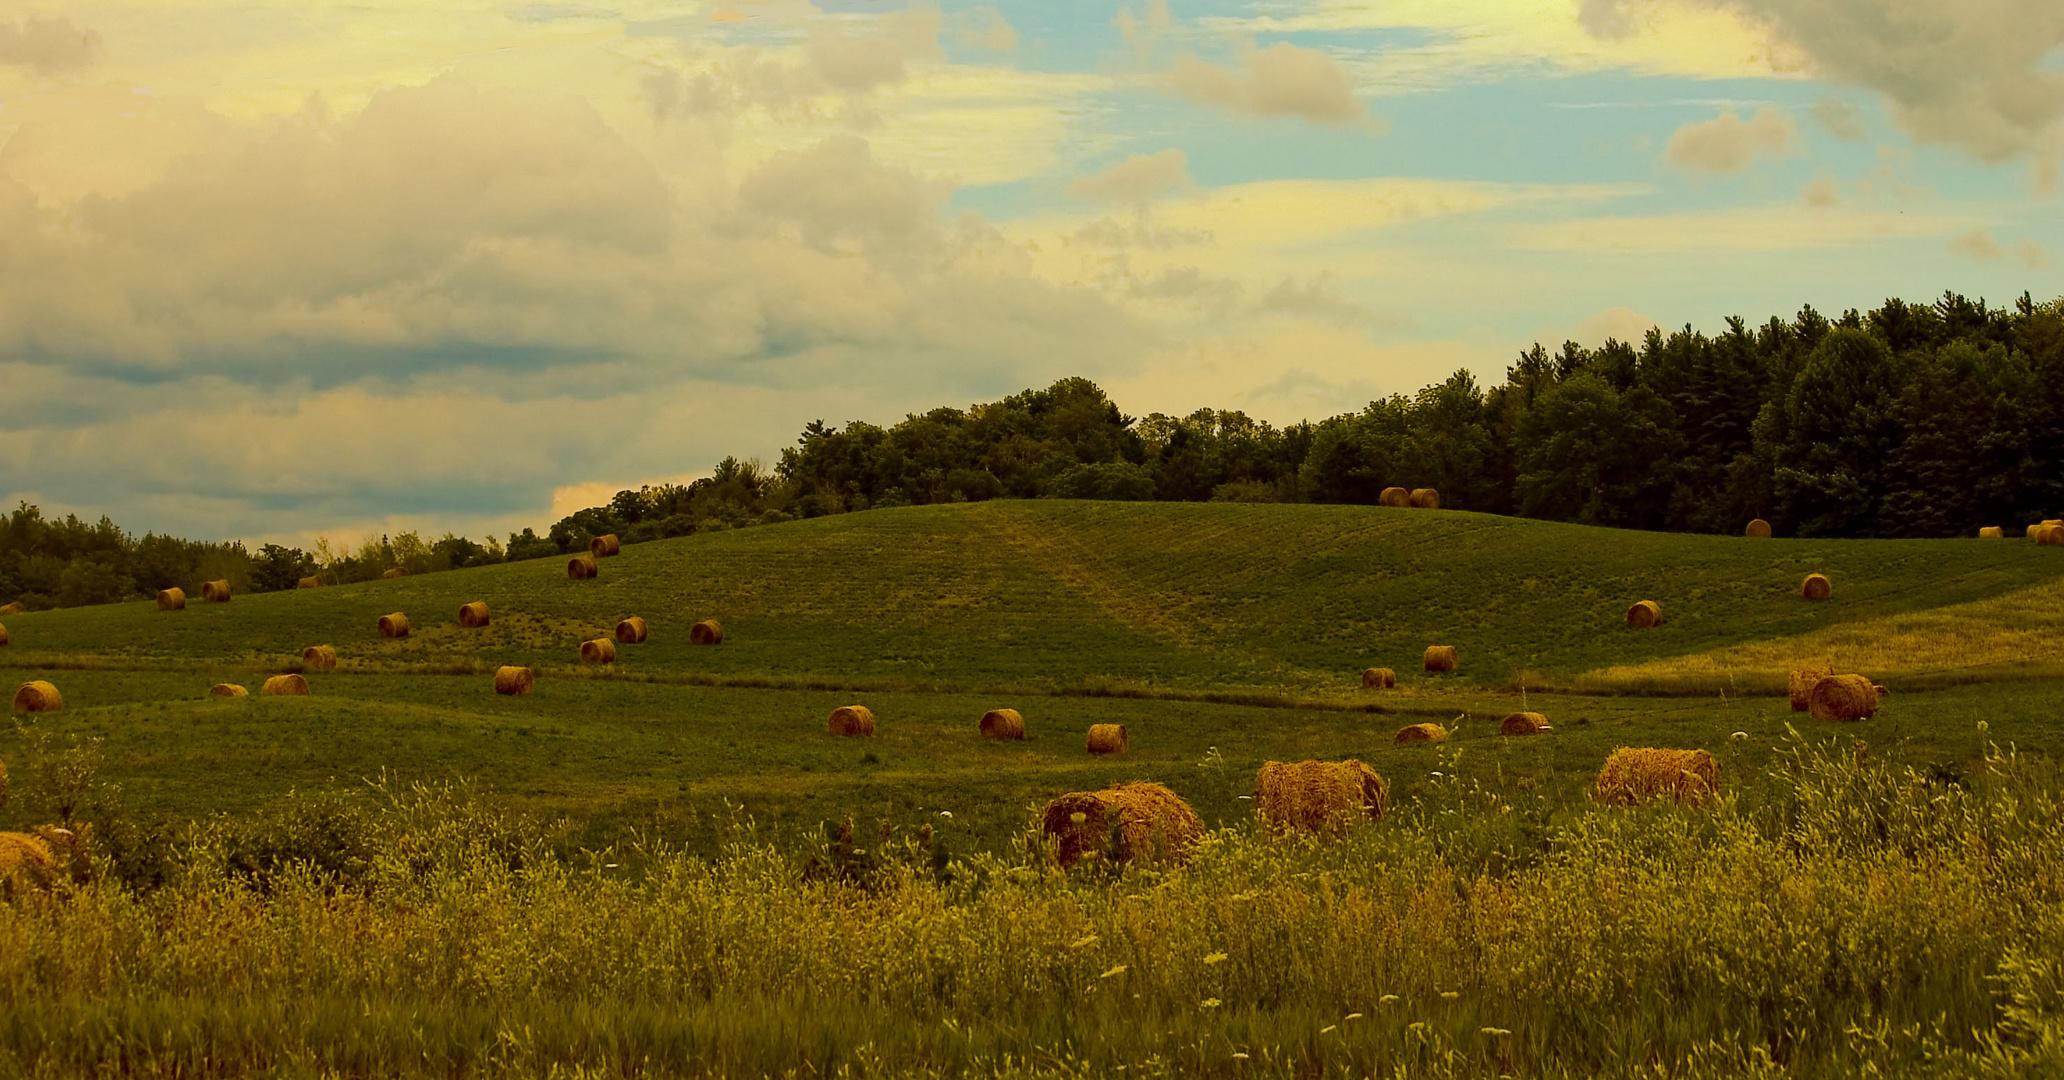 Hay Harvest in Uxbridge, Ontario, Canada